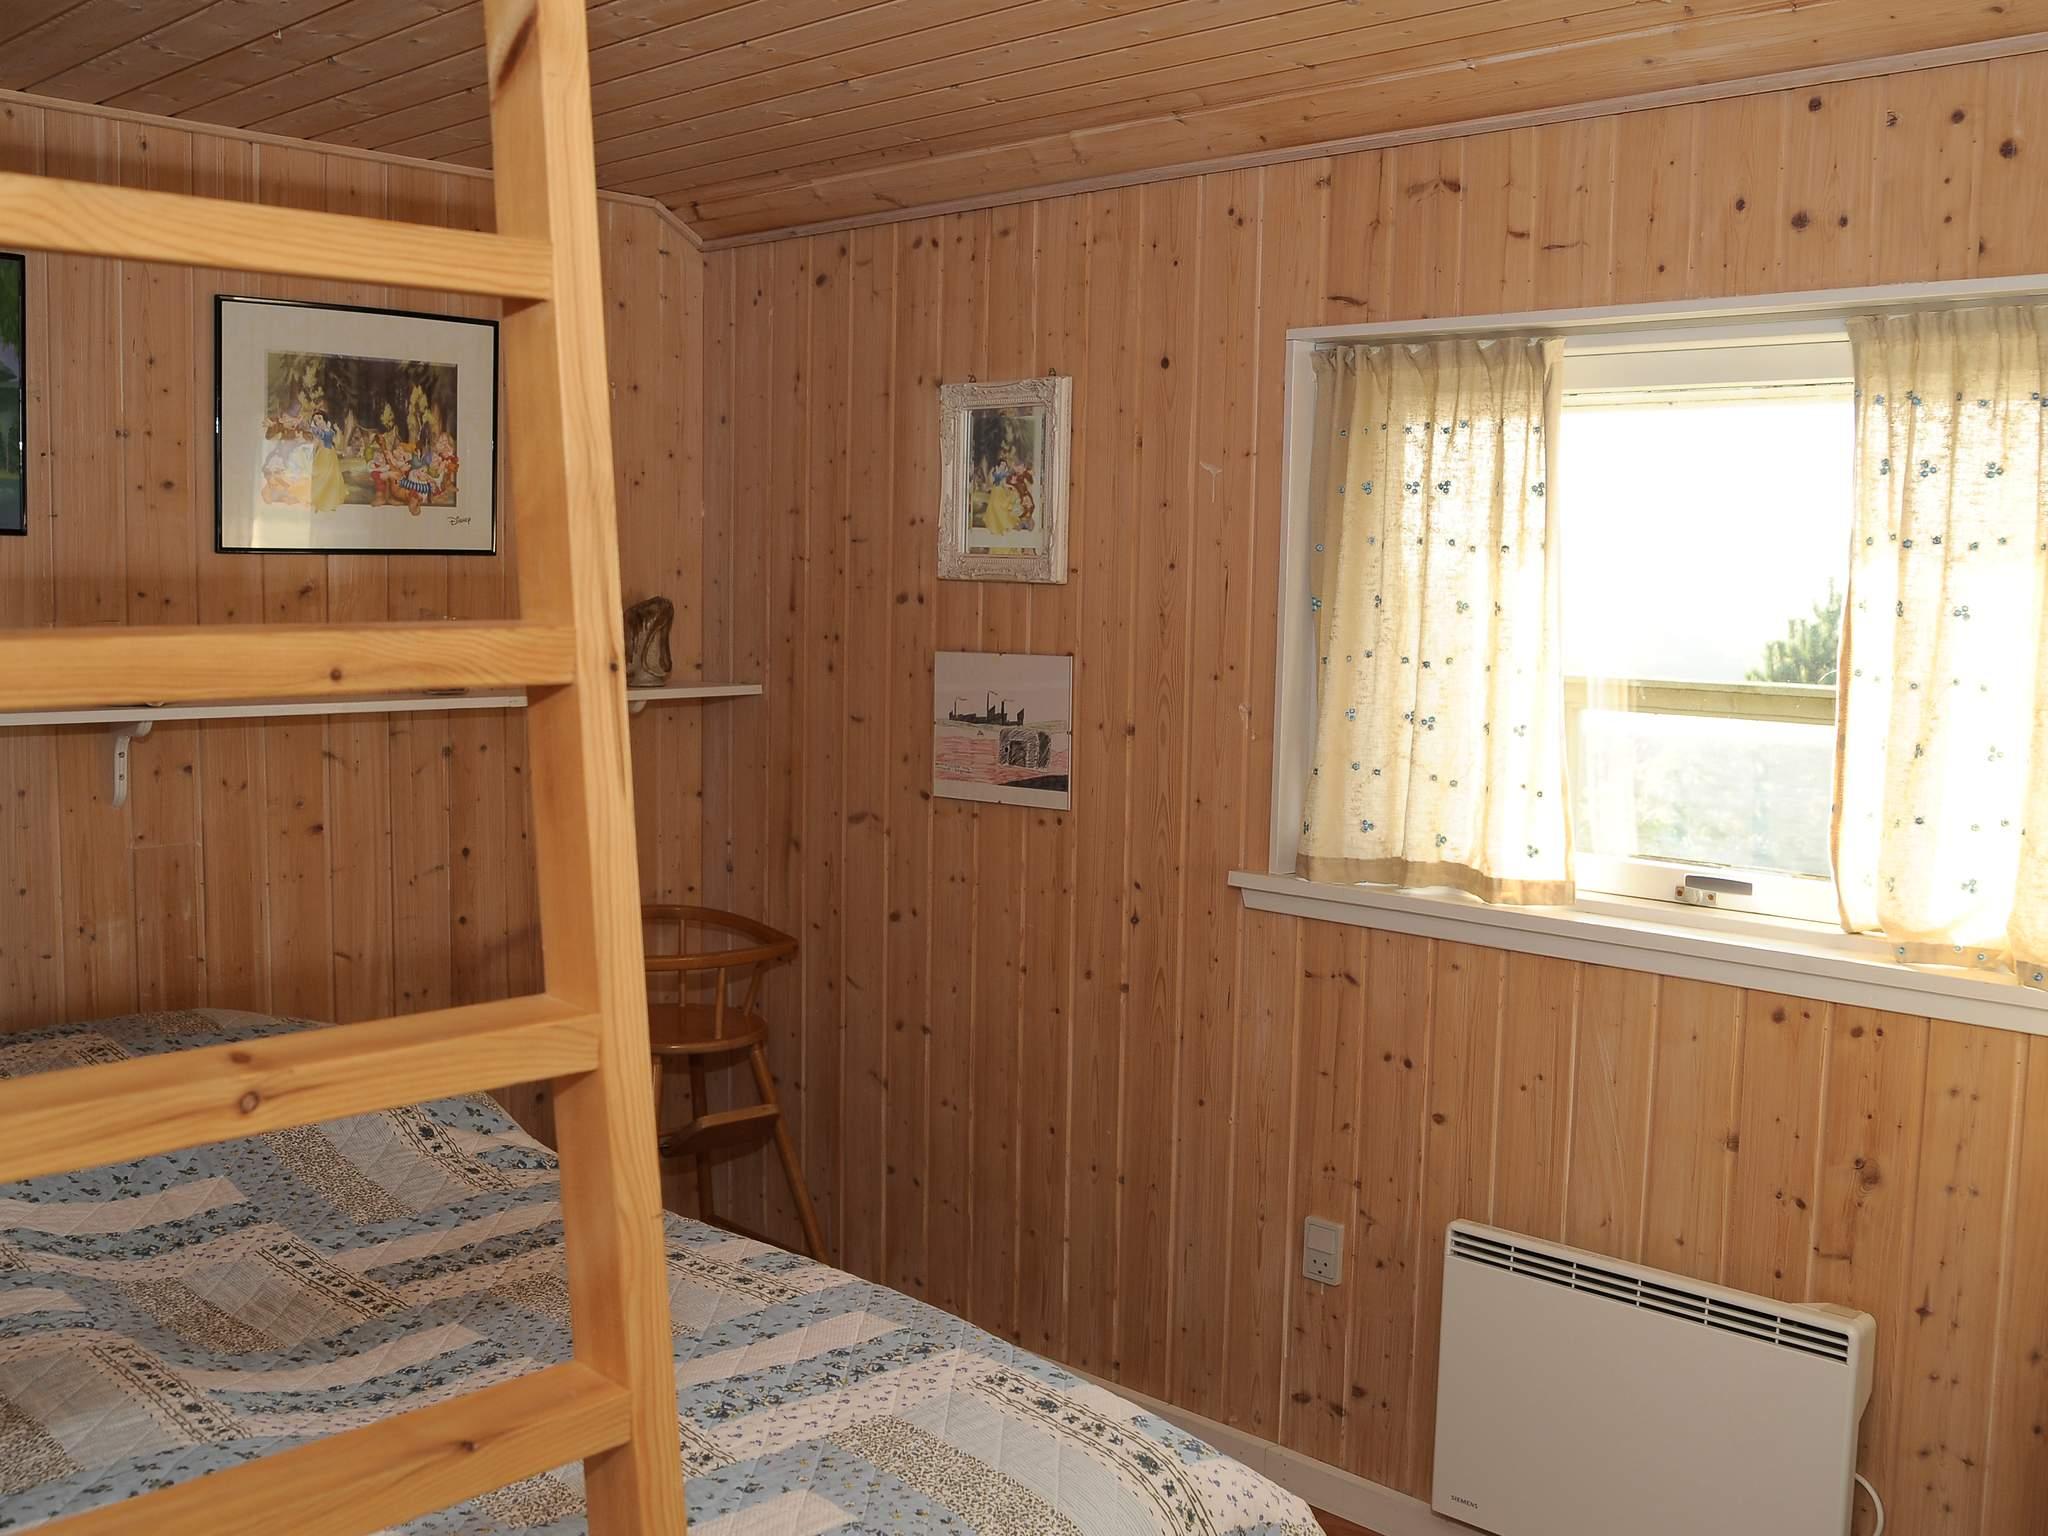 Ferienhaus Gjellerodde (83863), Lemvig, , Limfjord, Dänemark, Bild 9